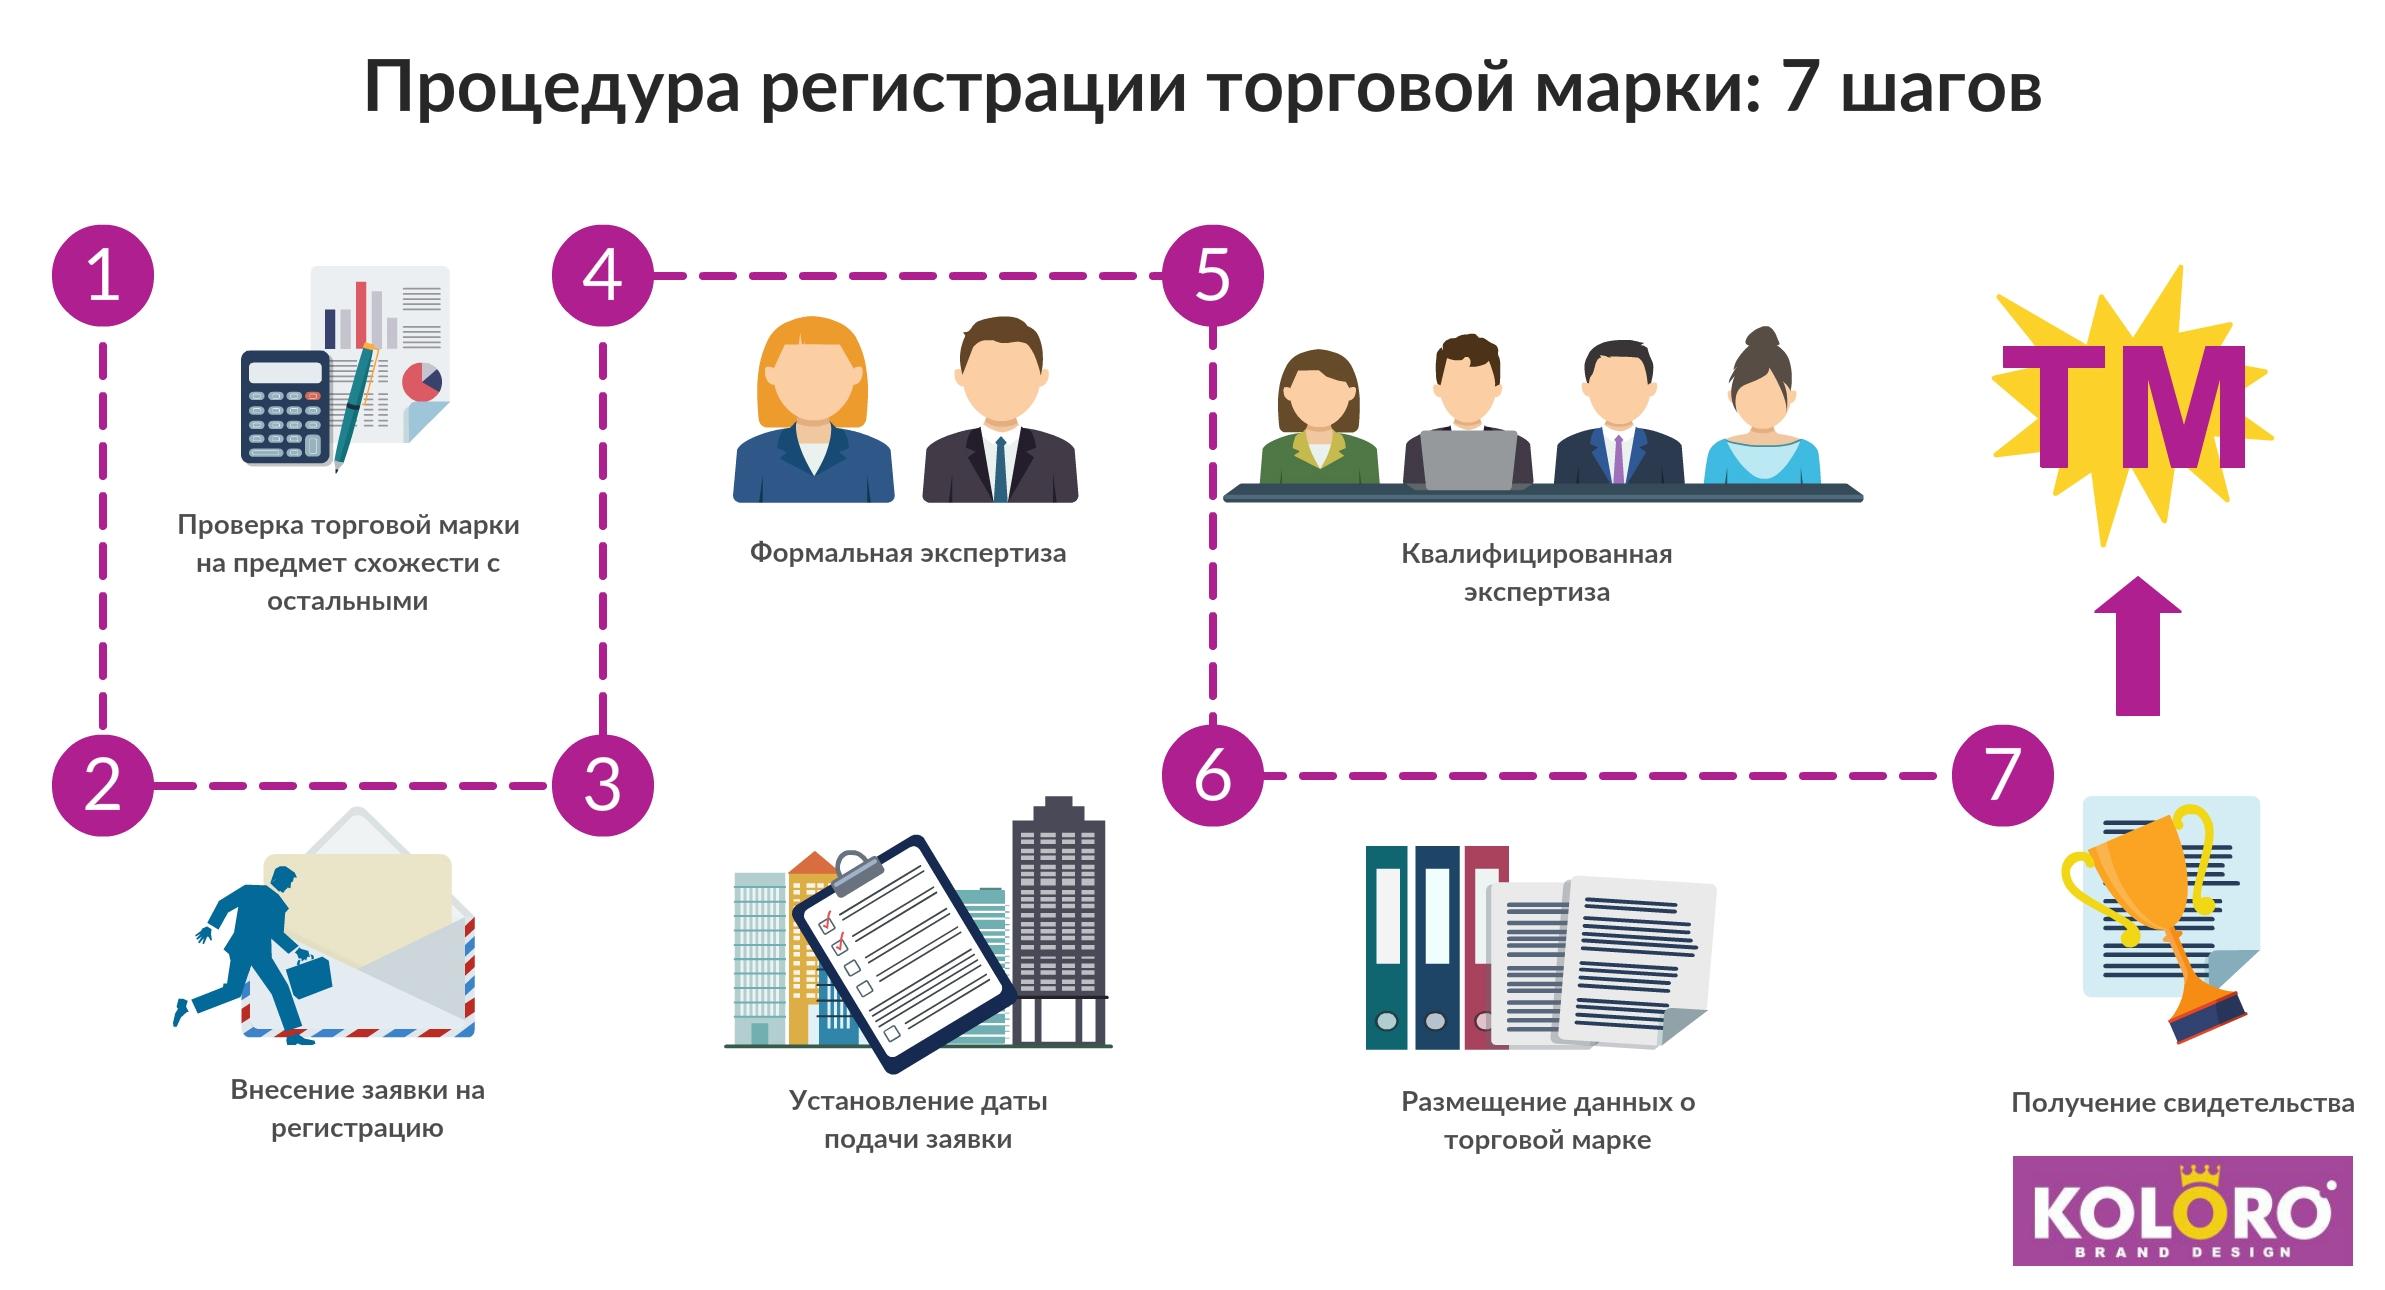 марка торговая регистрация инструкция